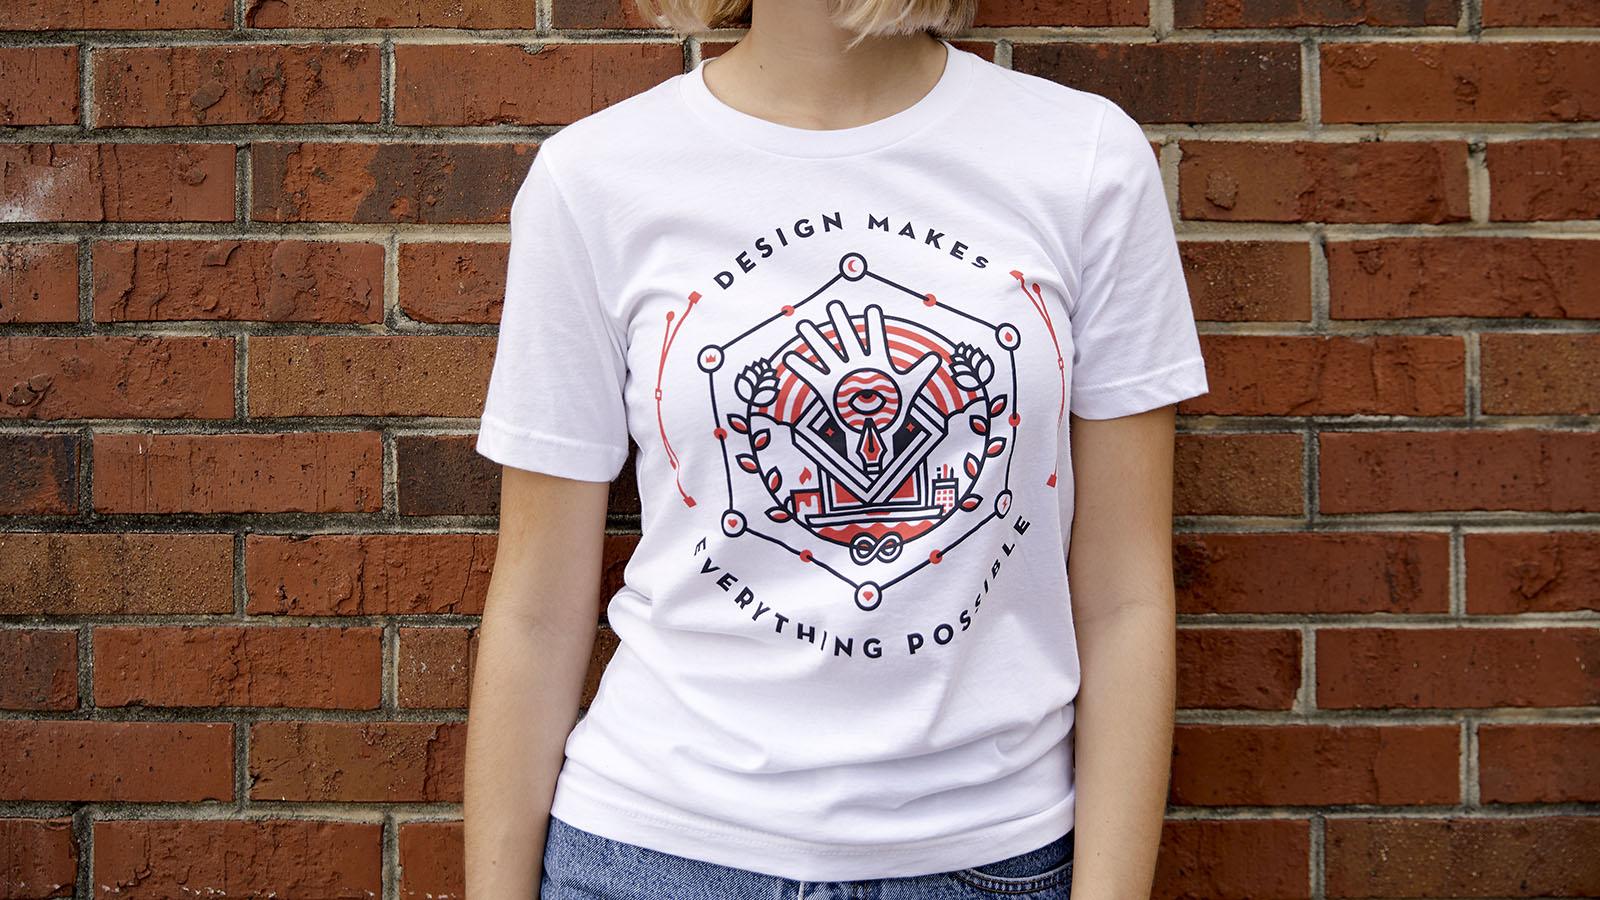 Meet the New Real Thread T-Shirt Builder